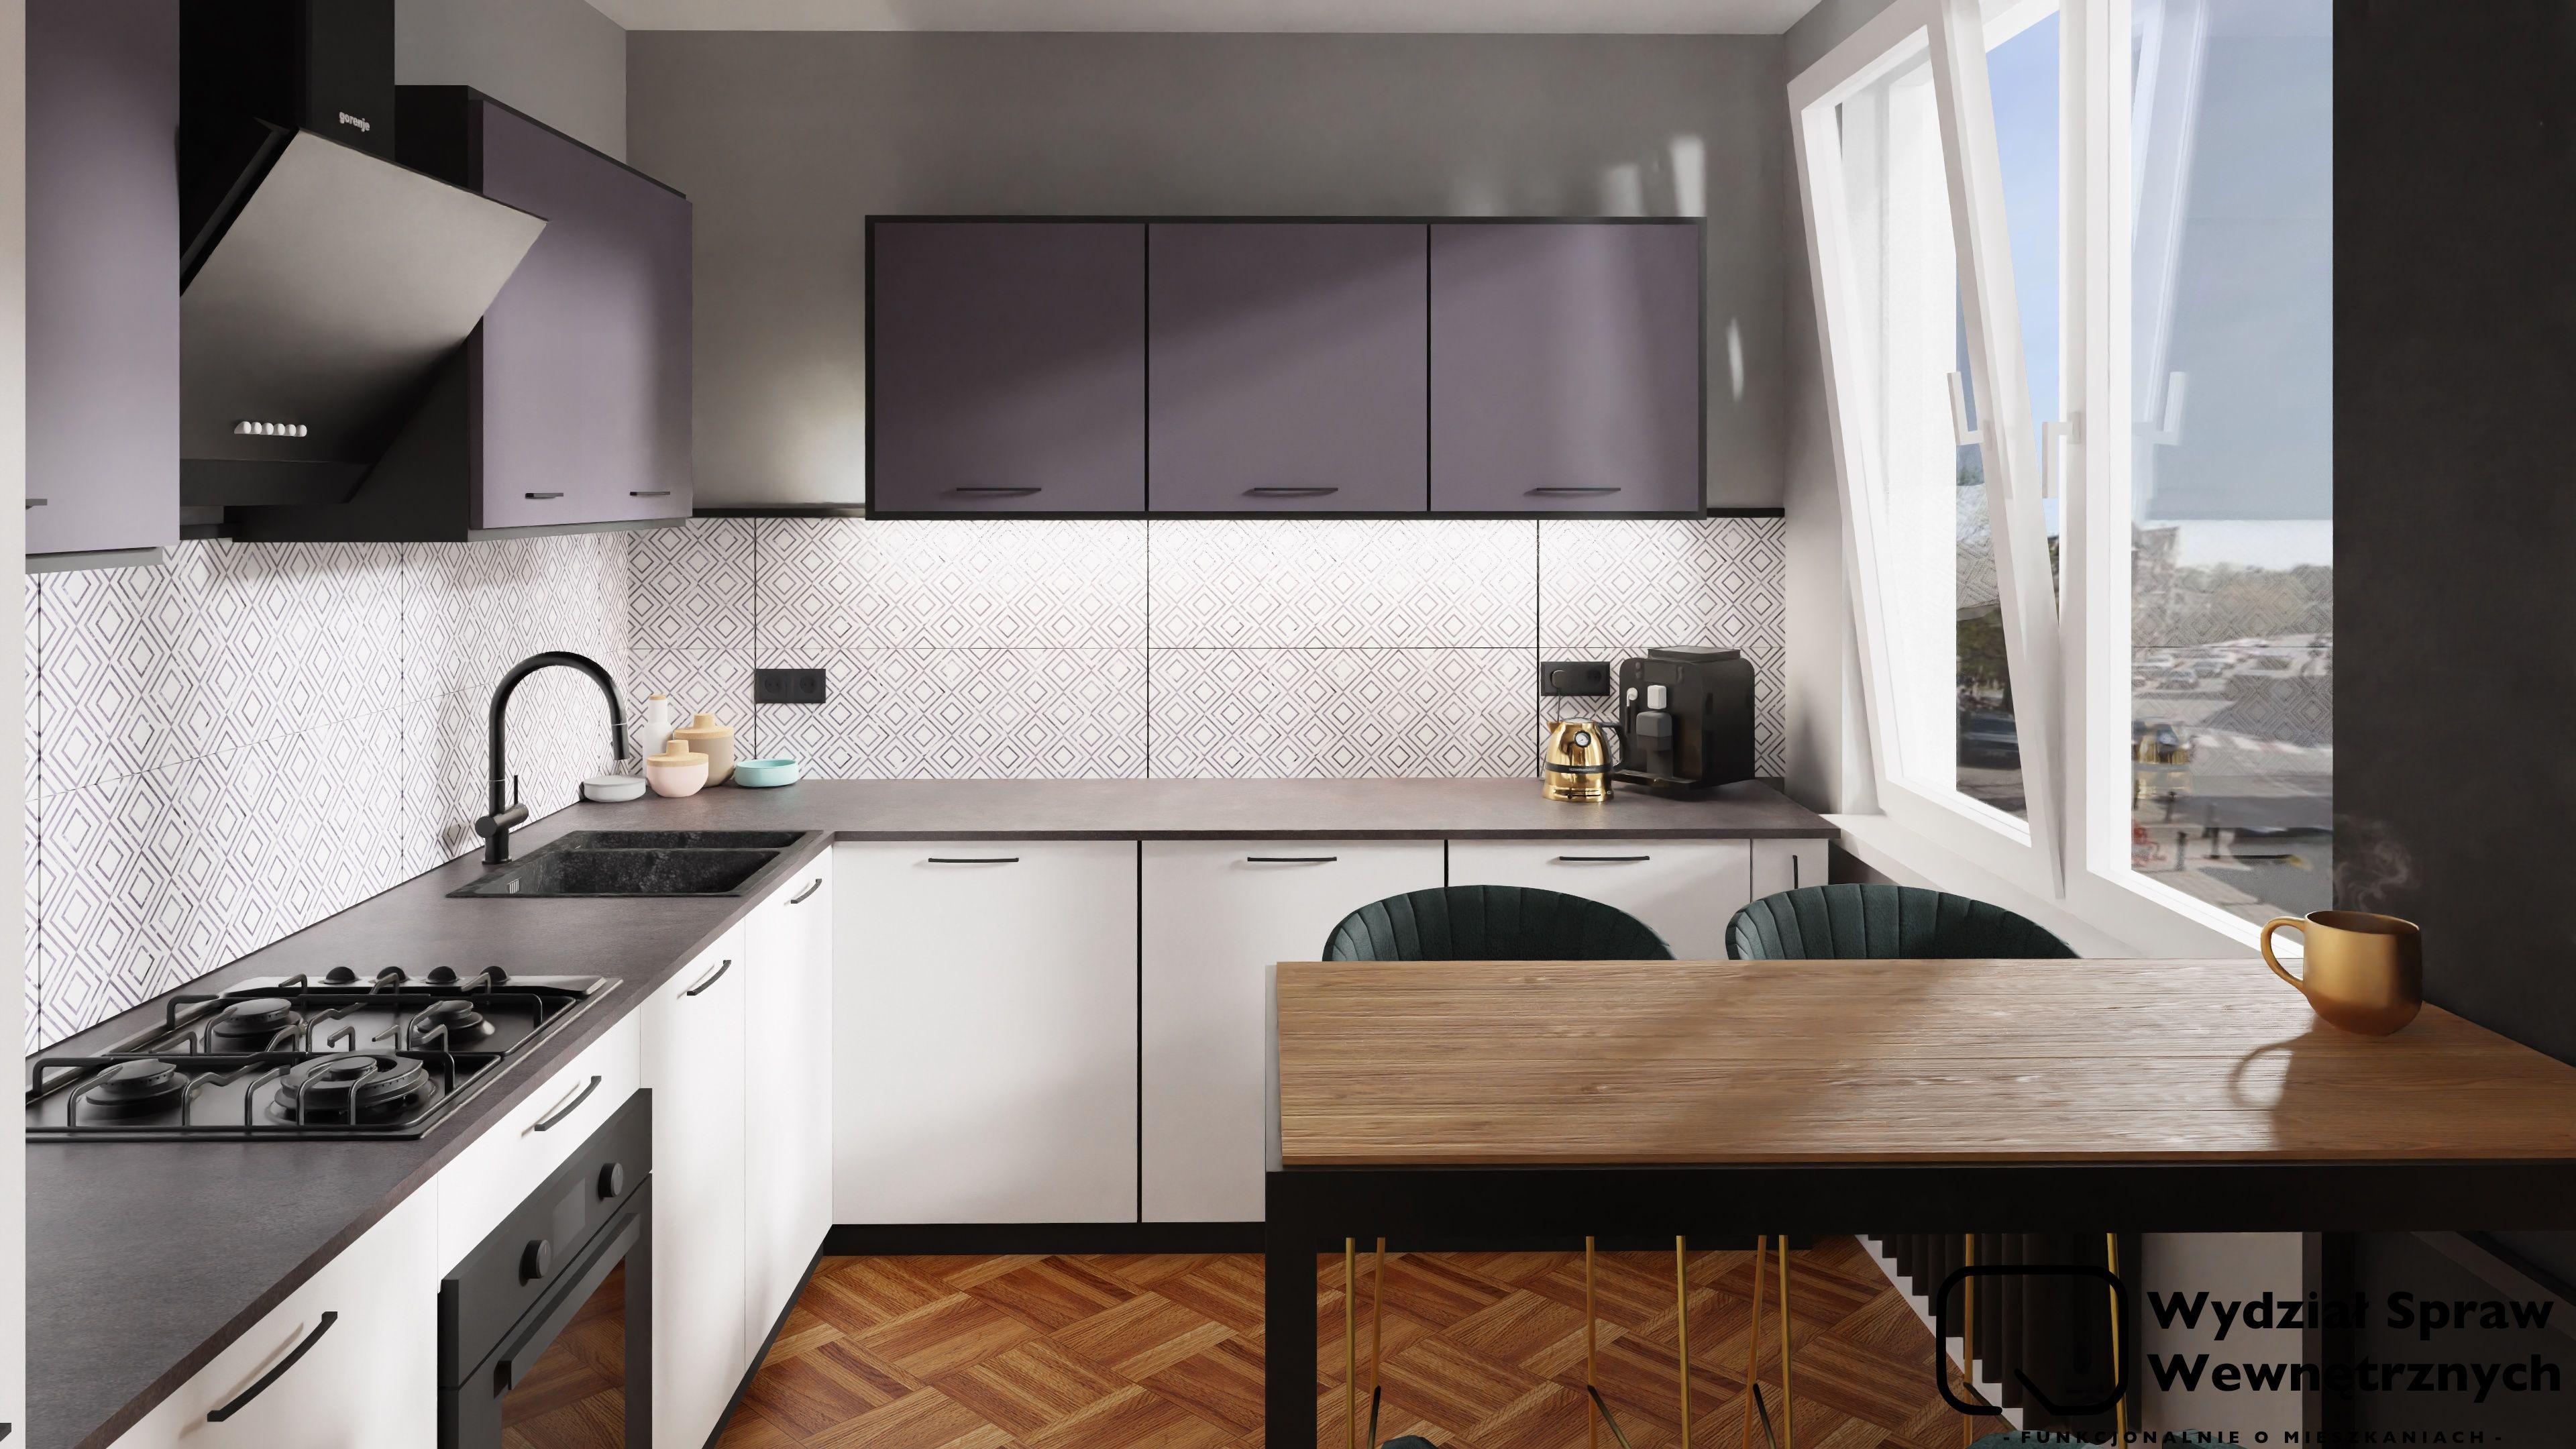 Bialo Grafitowa Kuchnia Kuchnia Agata Meble Prosta Kuchnia Kitchen Kitchen Cabinets Home